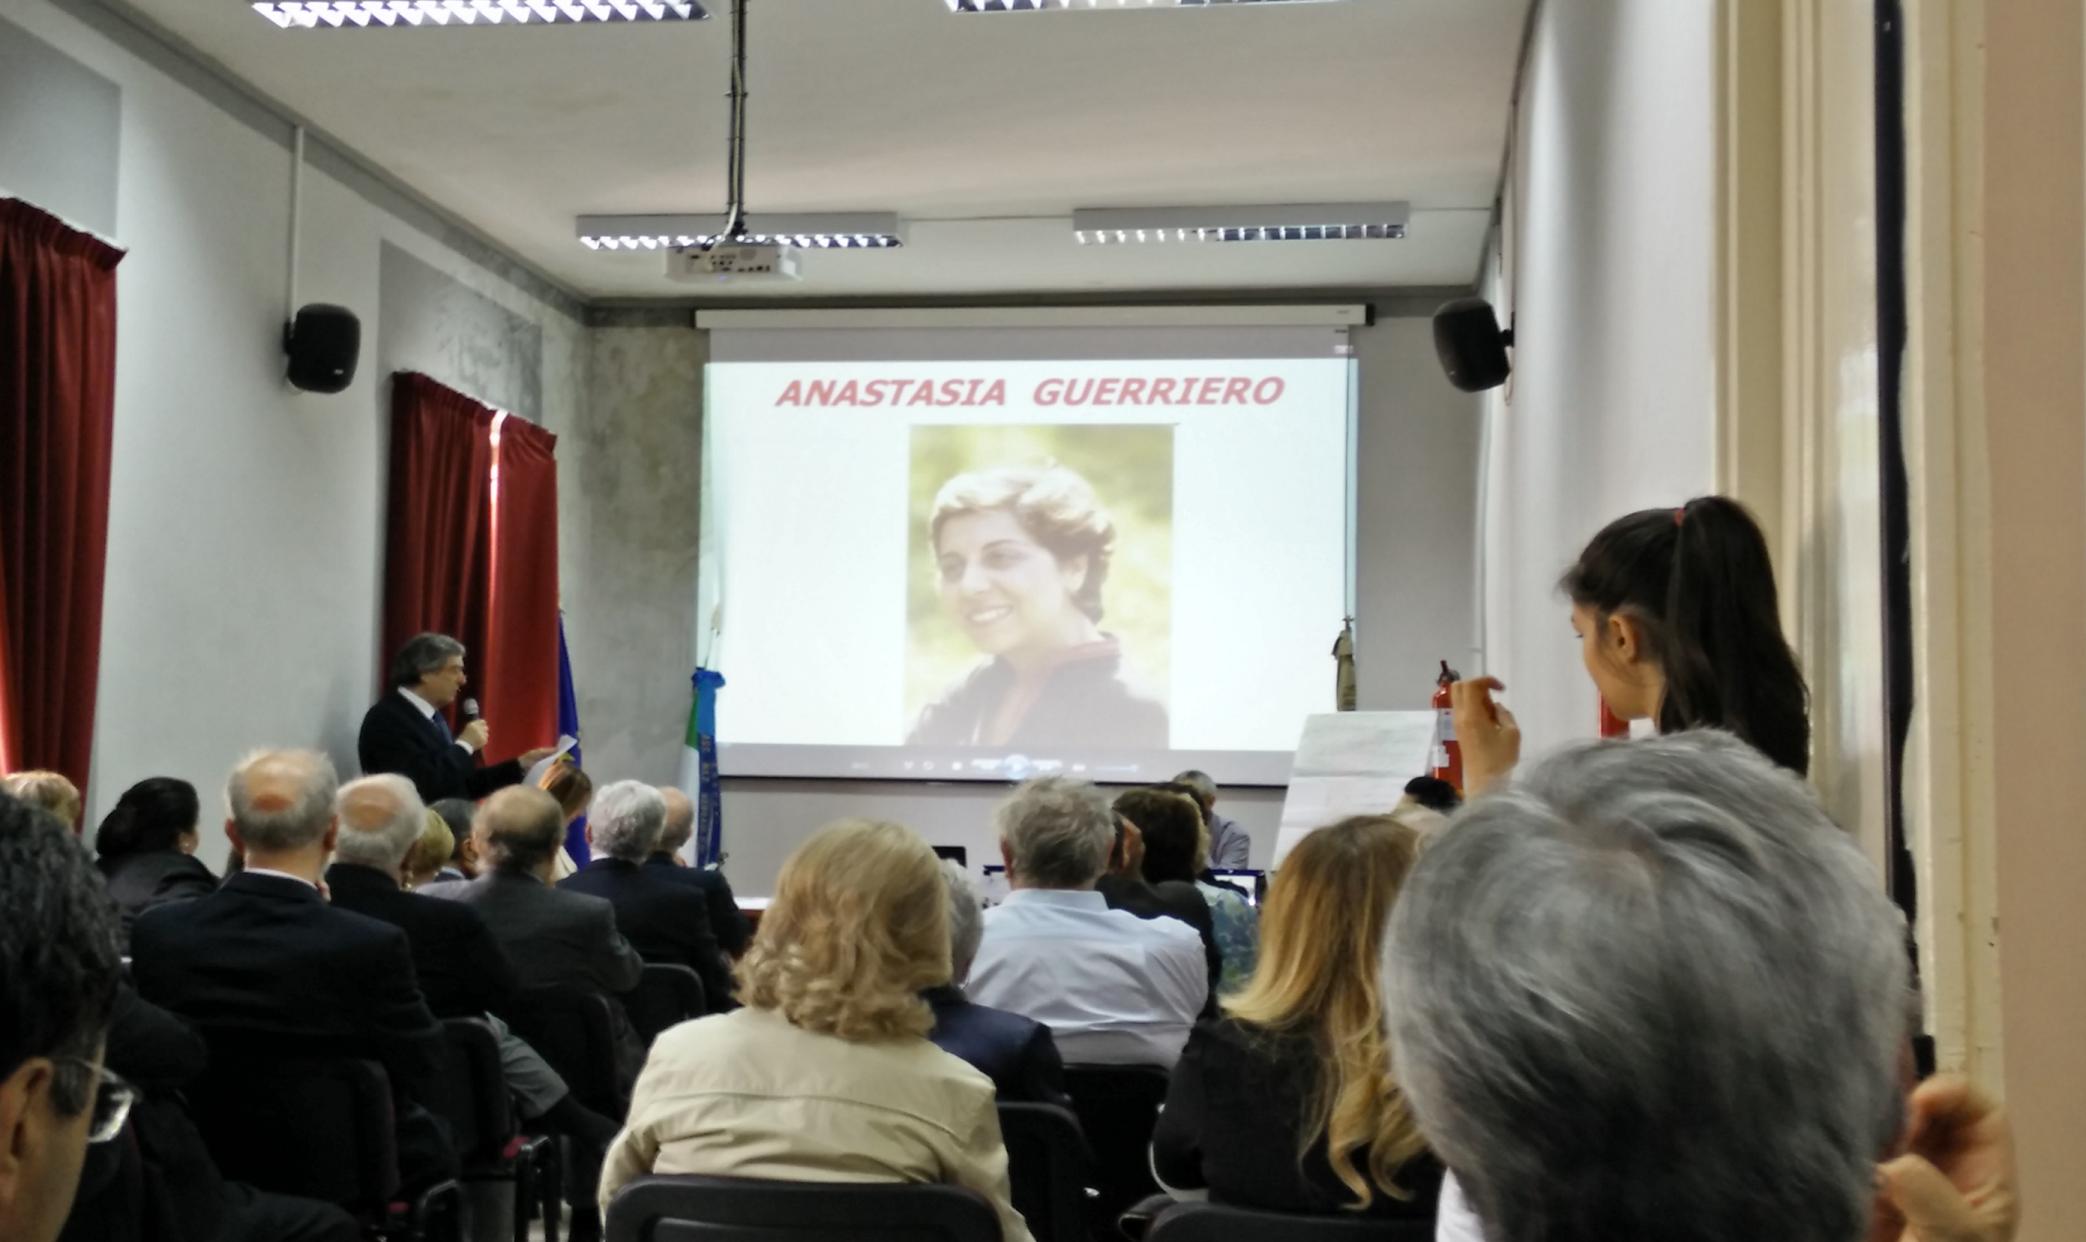 Premio Anastasia Guerriero